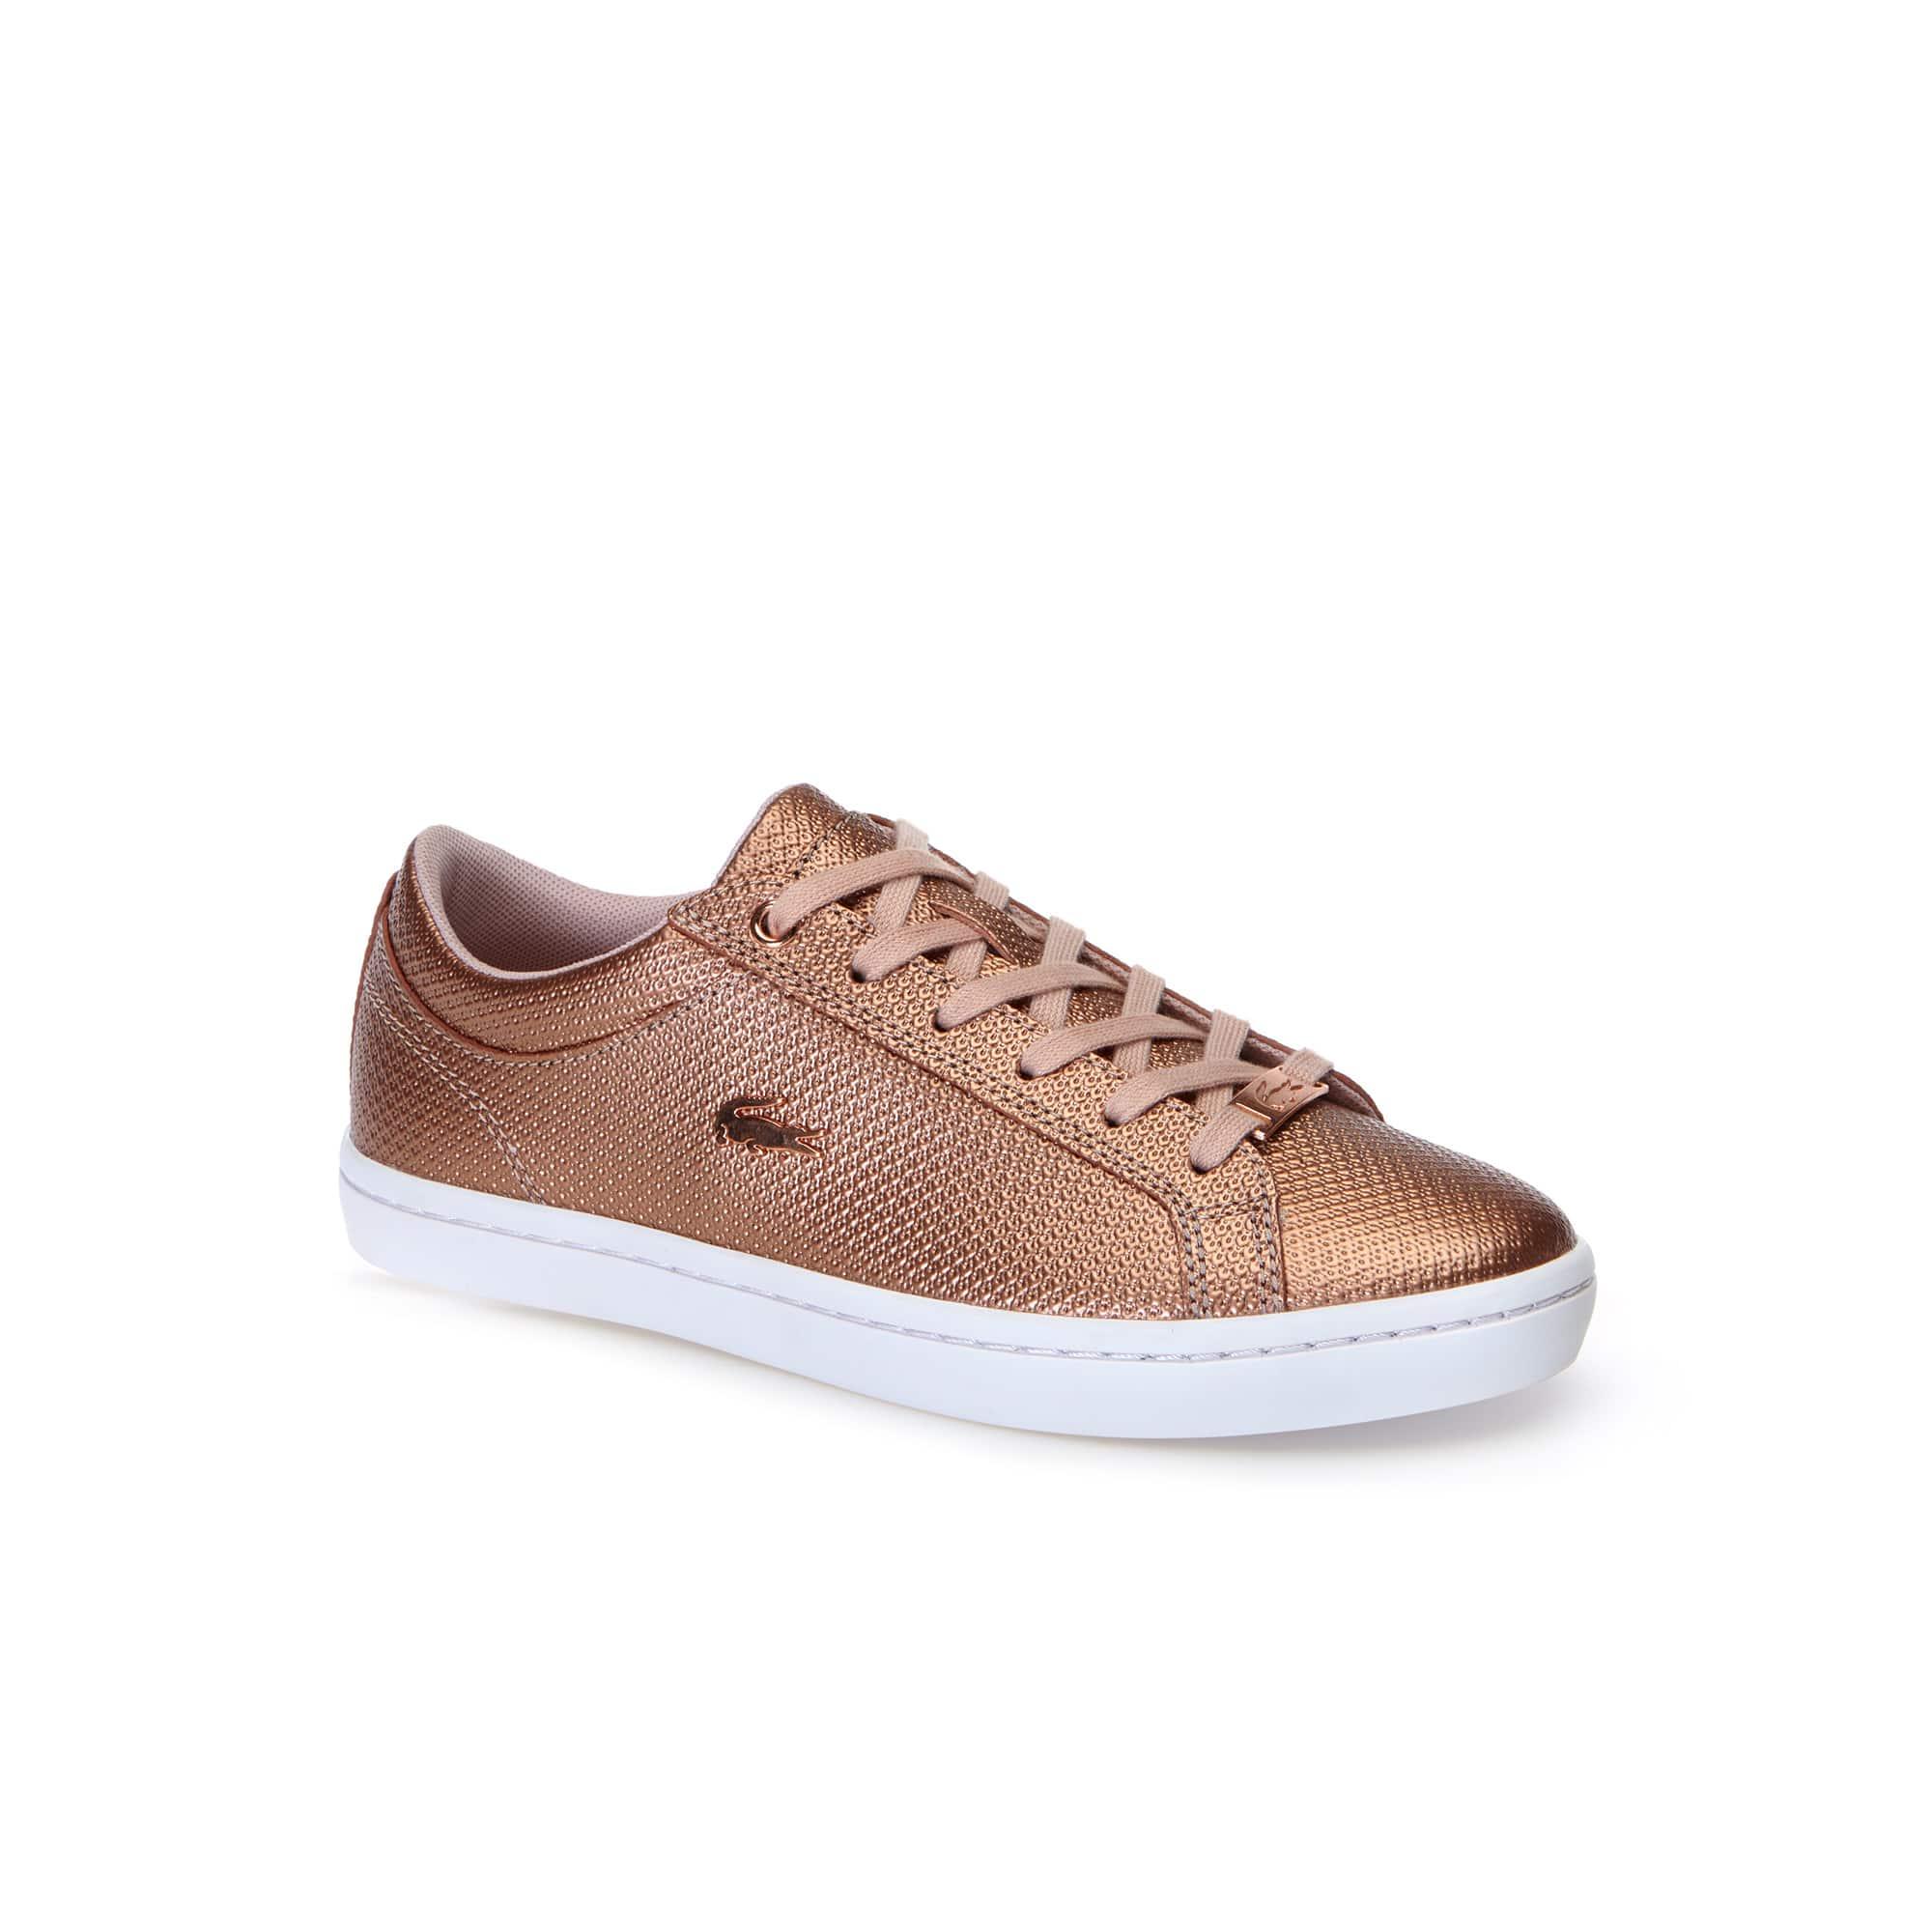 Sneakers Straightset femme Chantaco en cuir